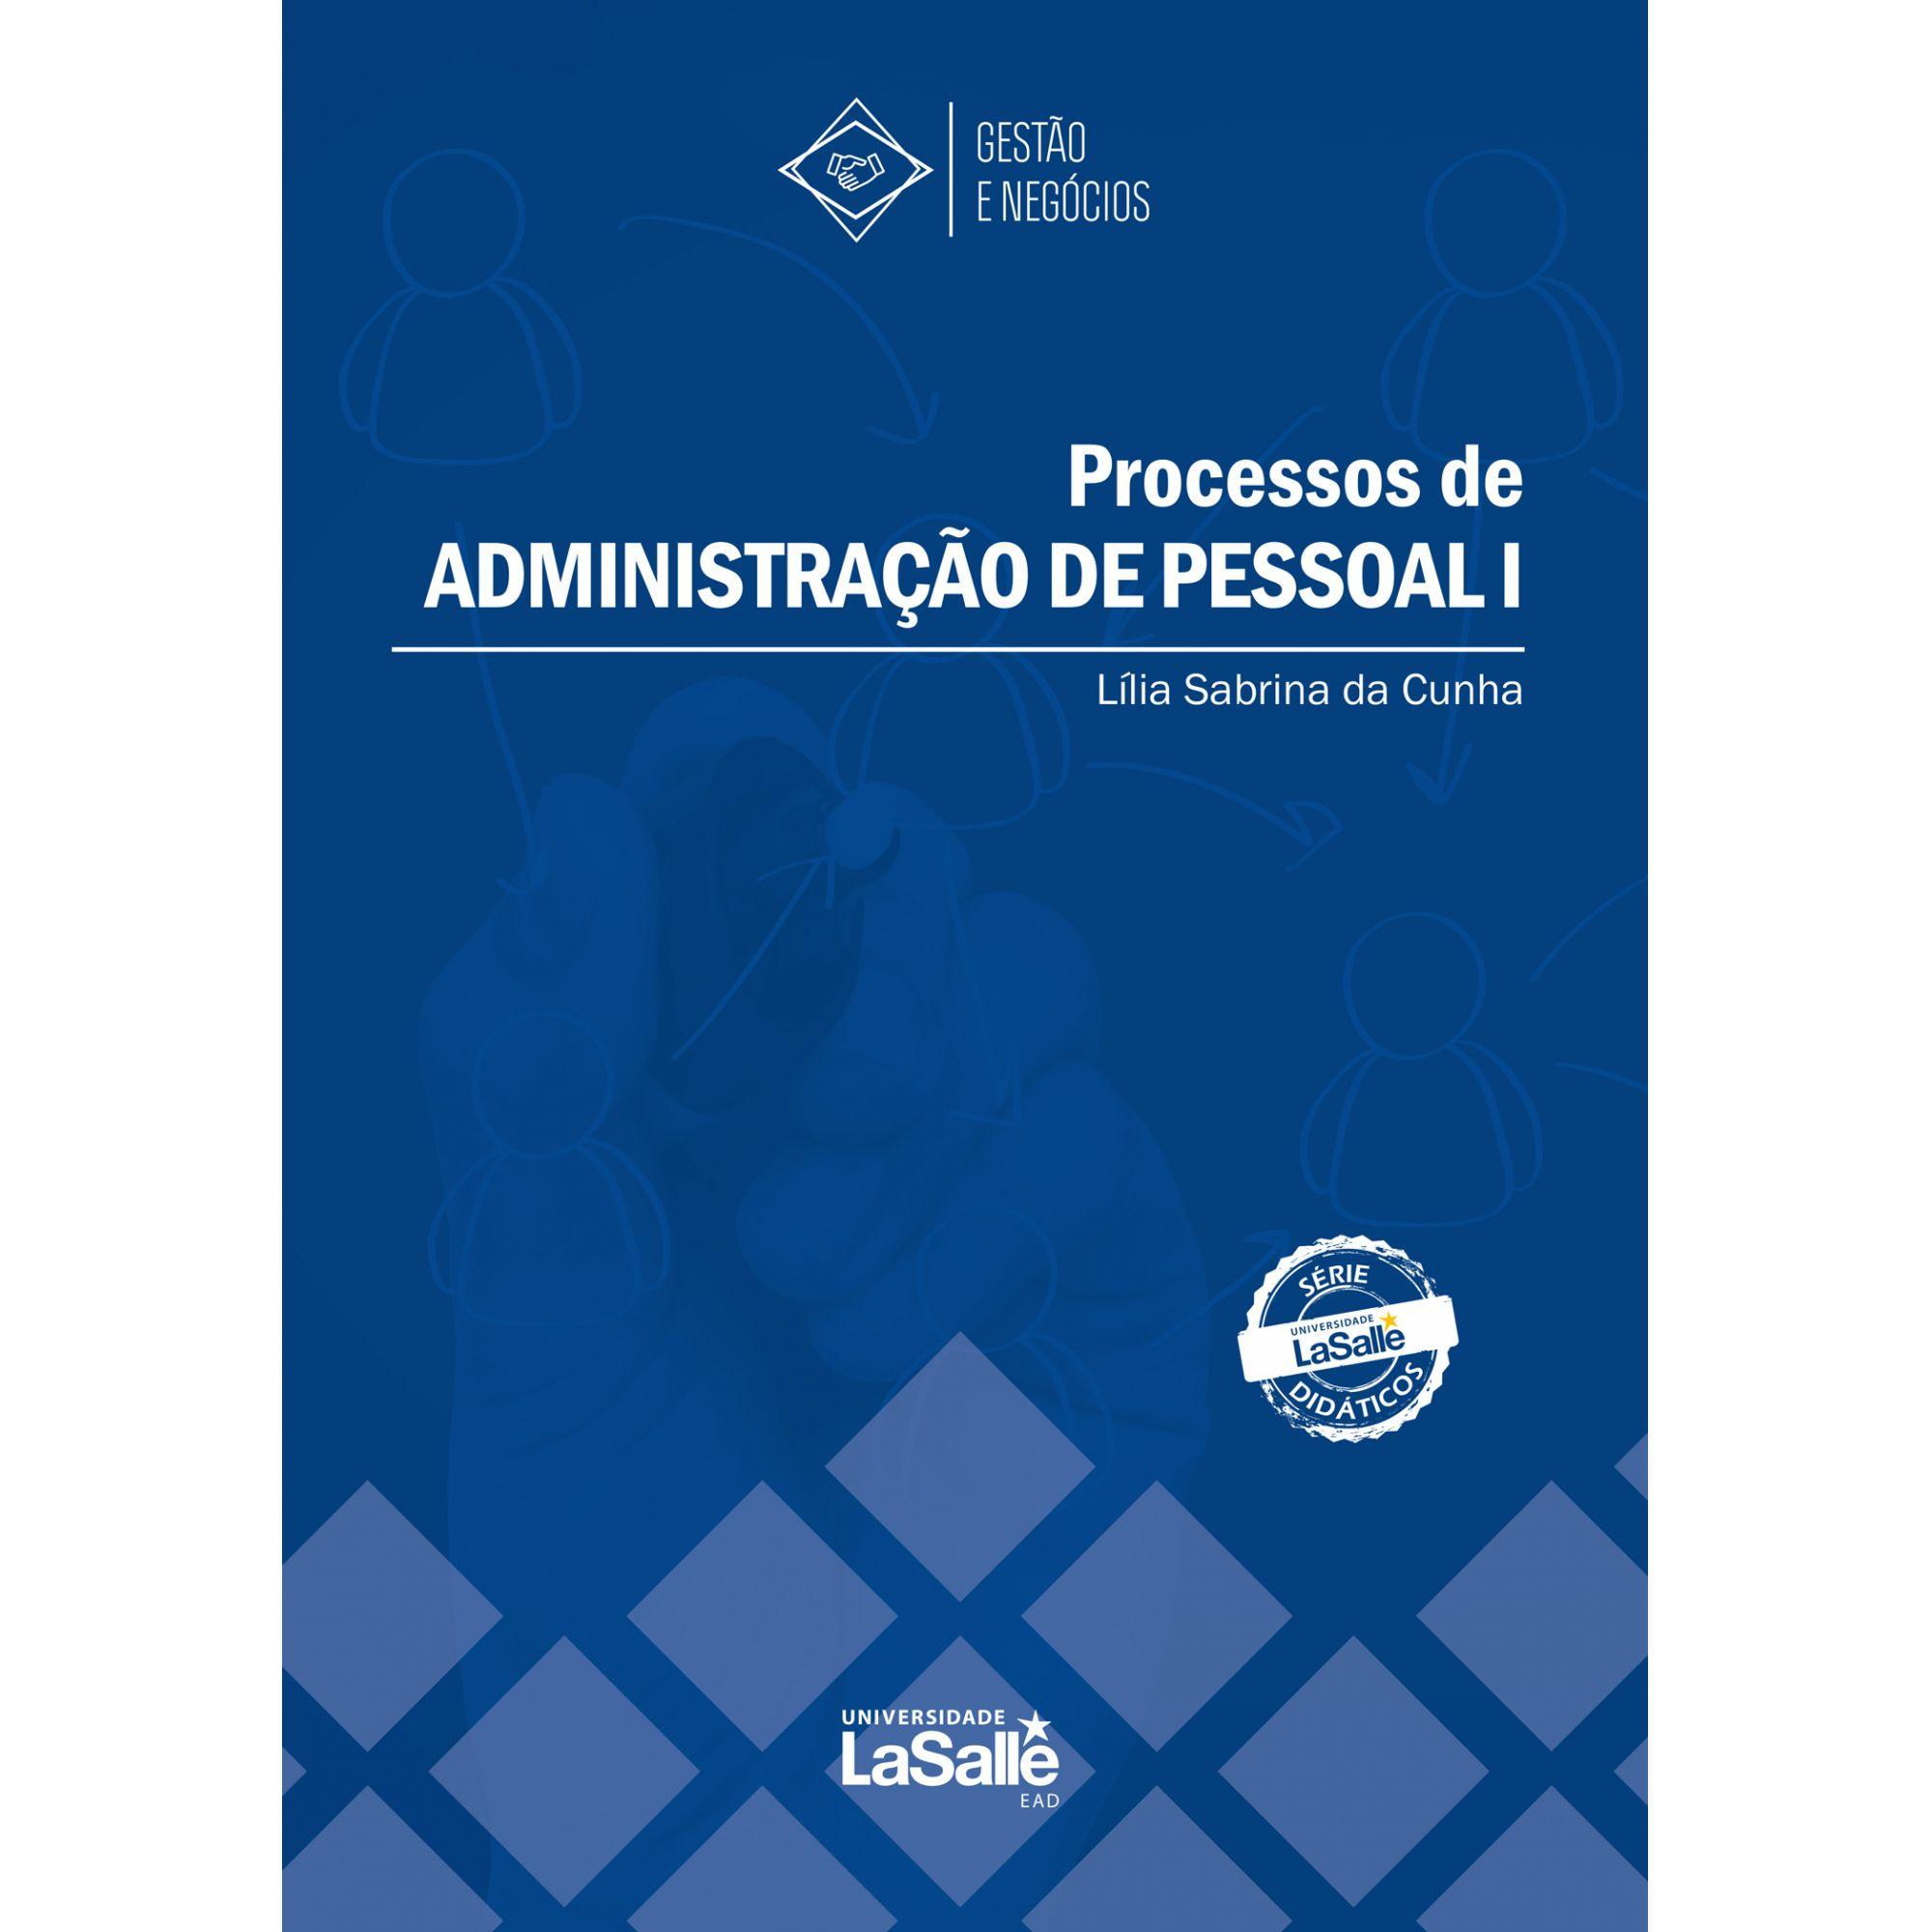 Processos de Administração de Pessoal I